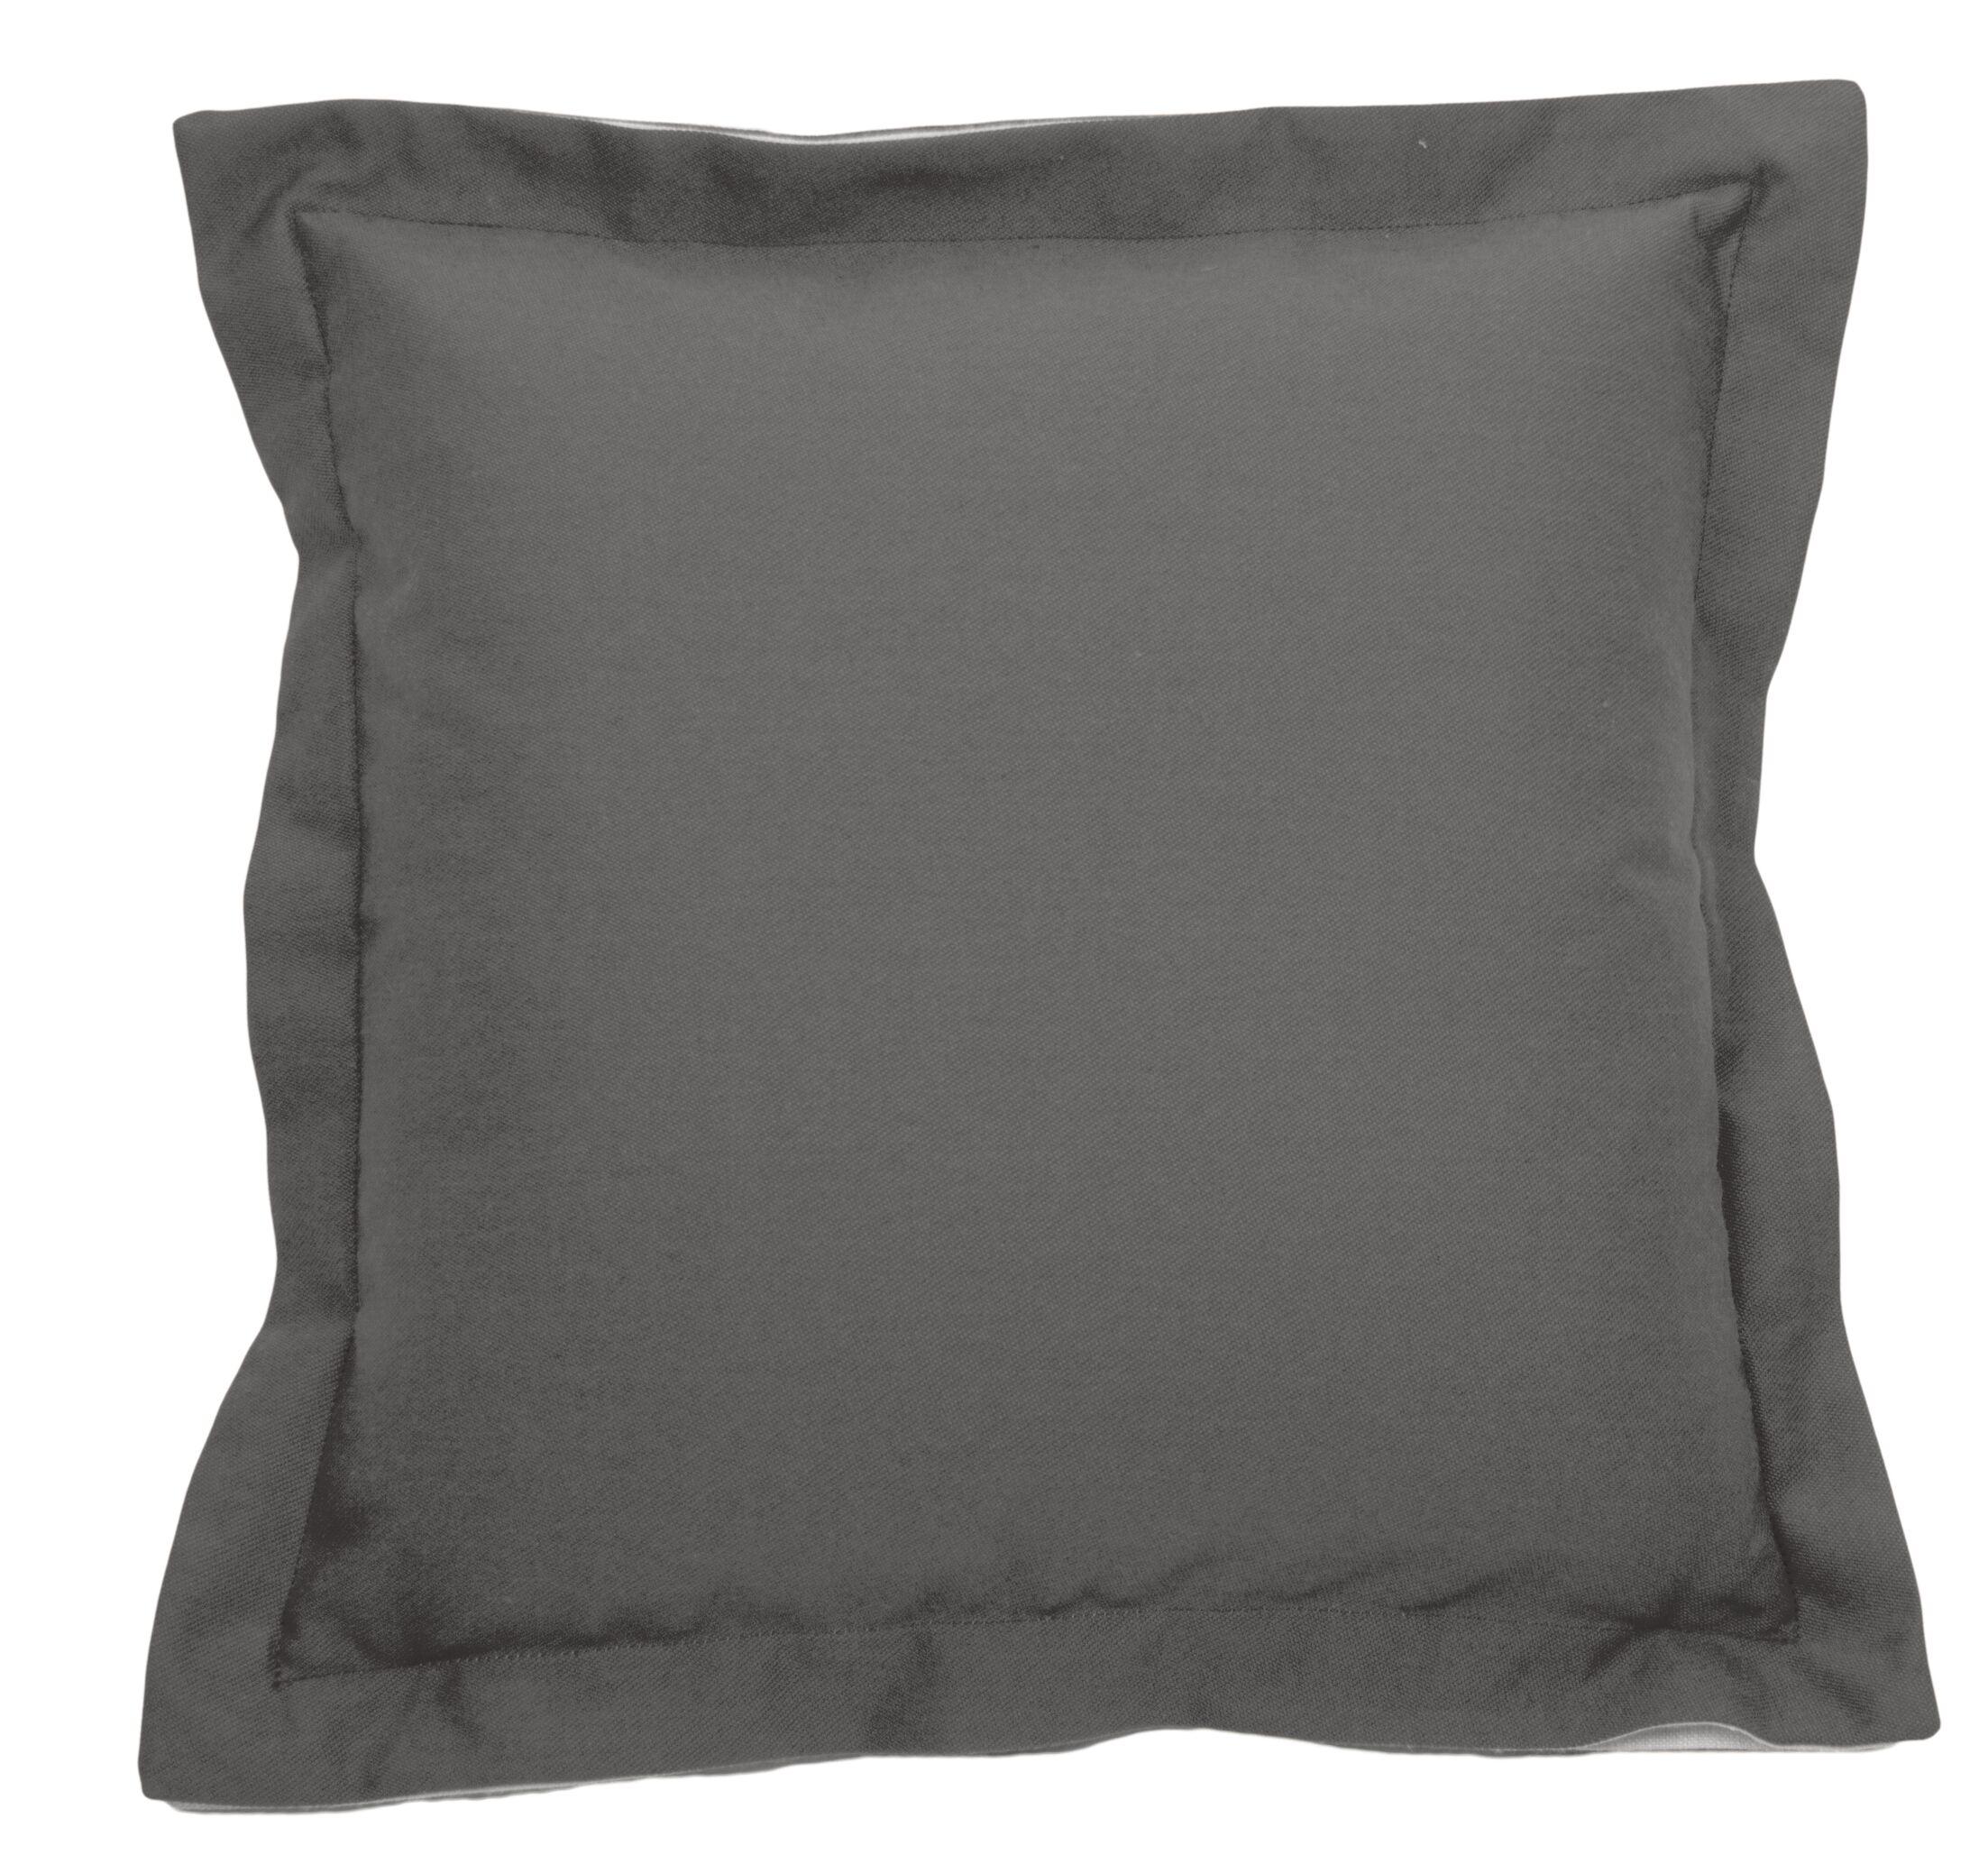 Verona Indoor/Outdoor Throw Pillow (Set of 2) Size: 24